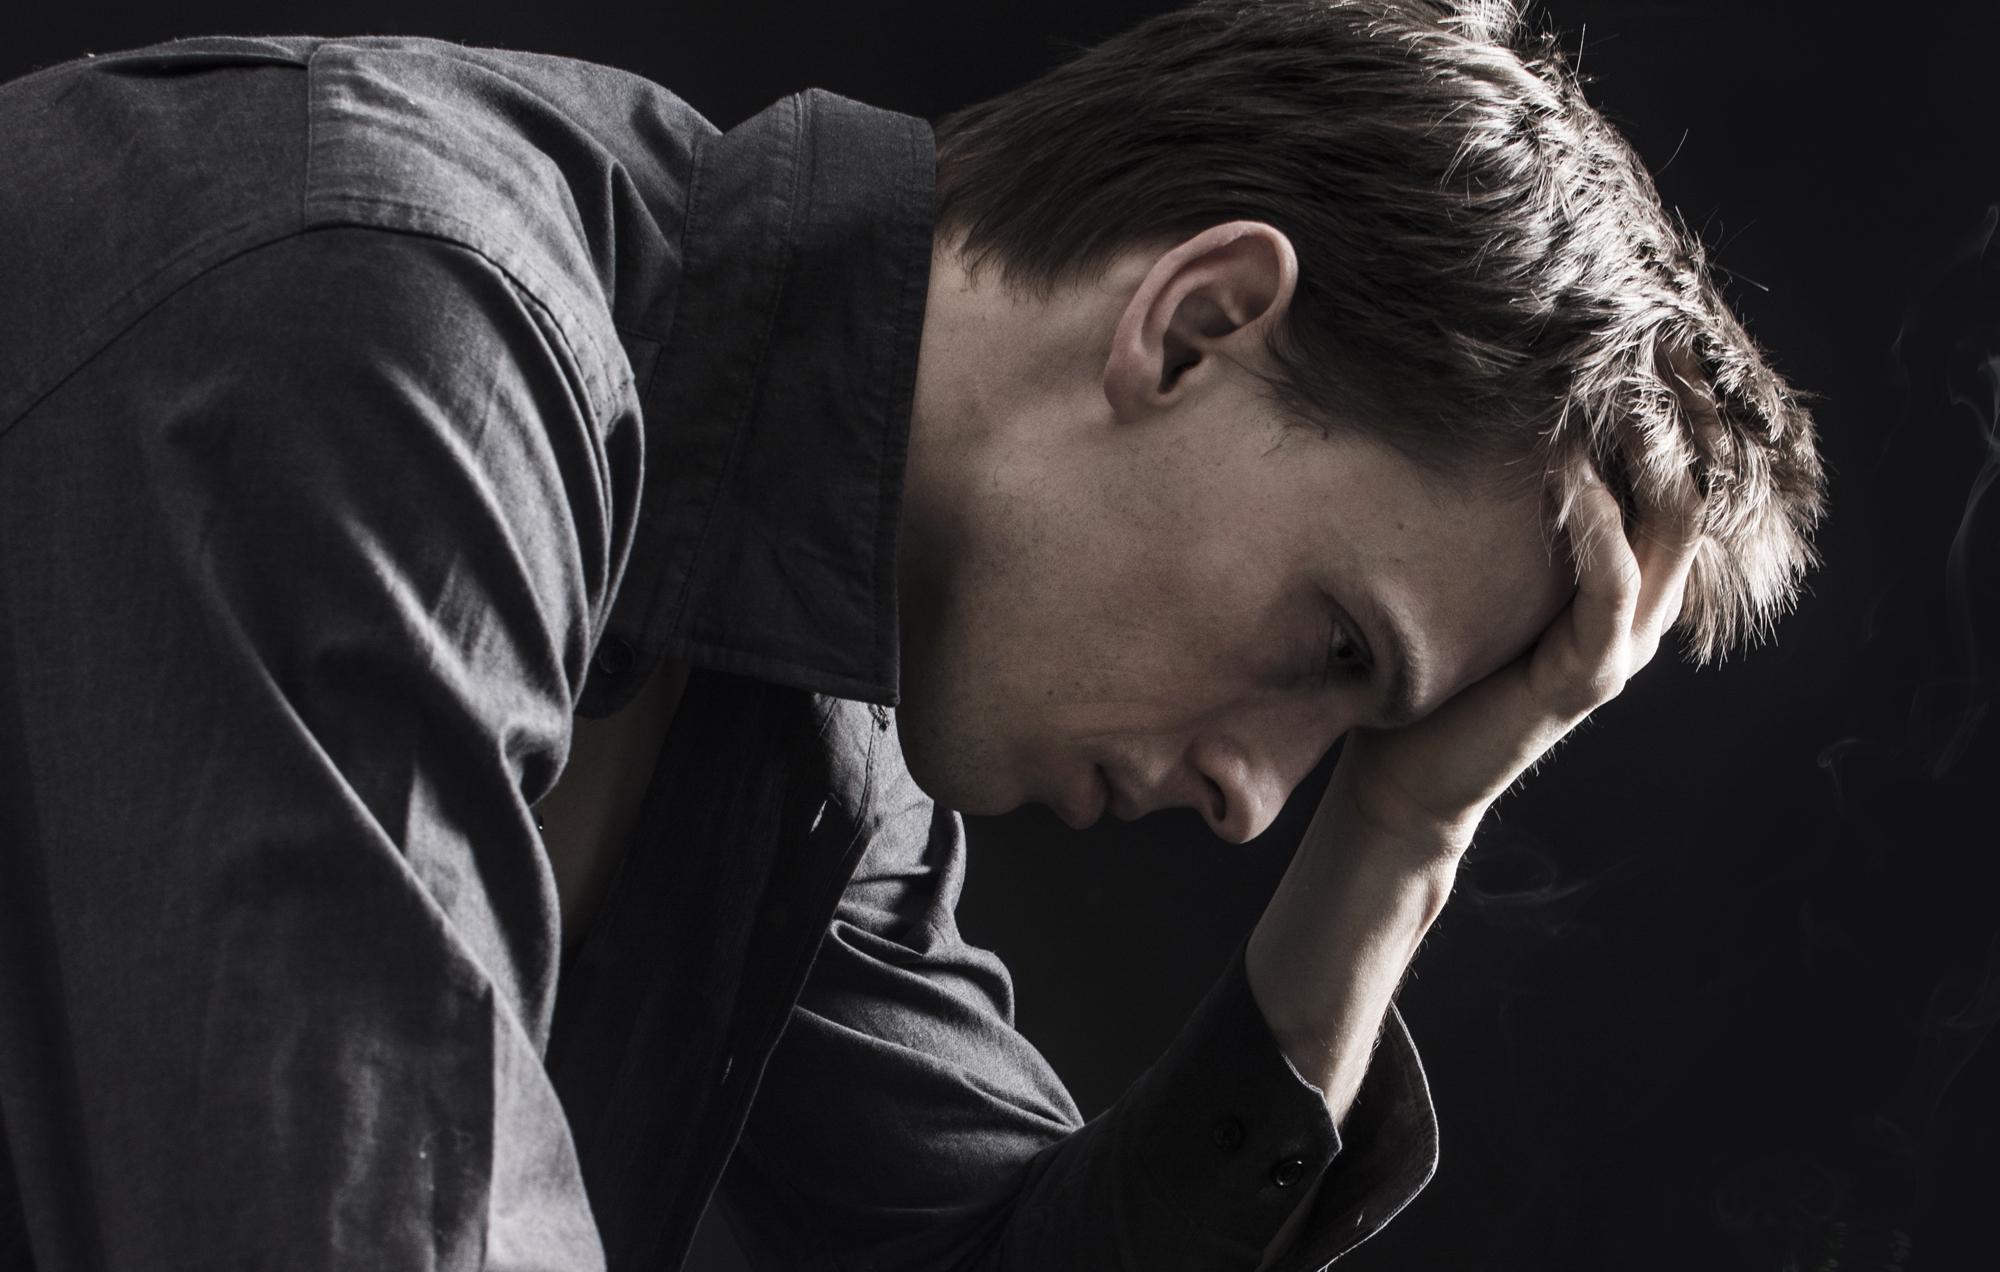 Тяжёлая депрессия